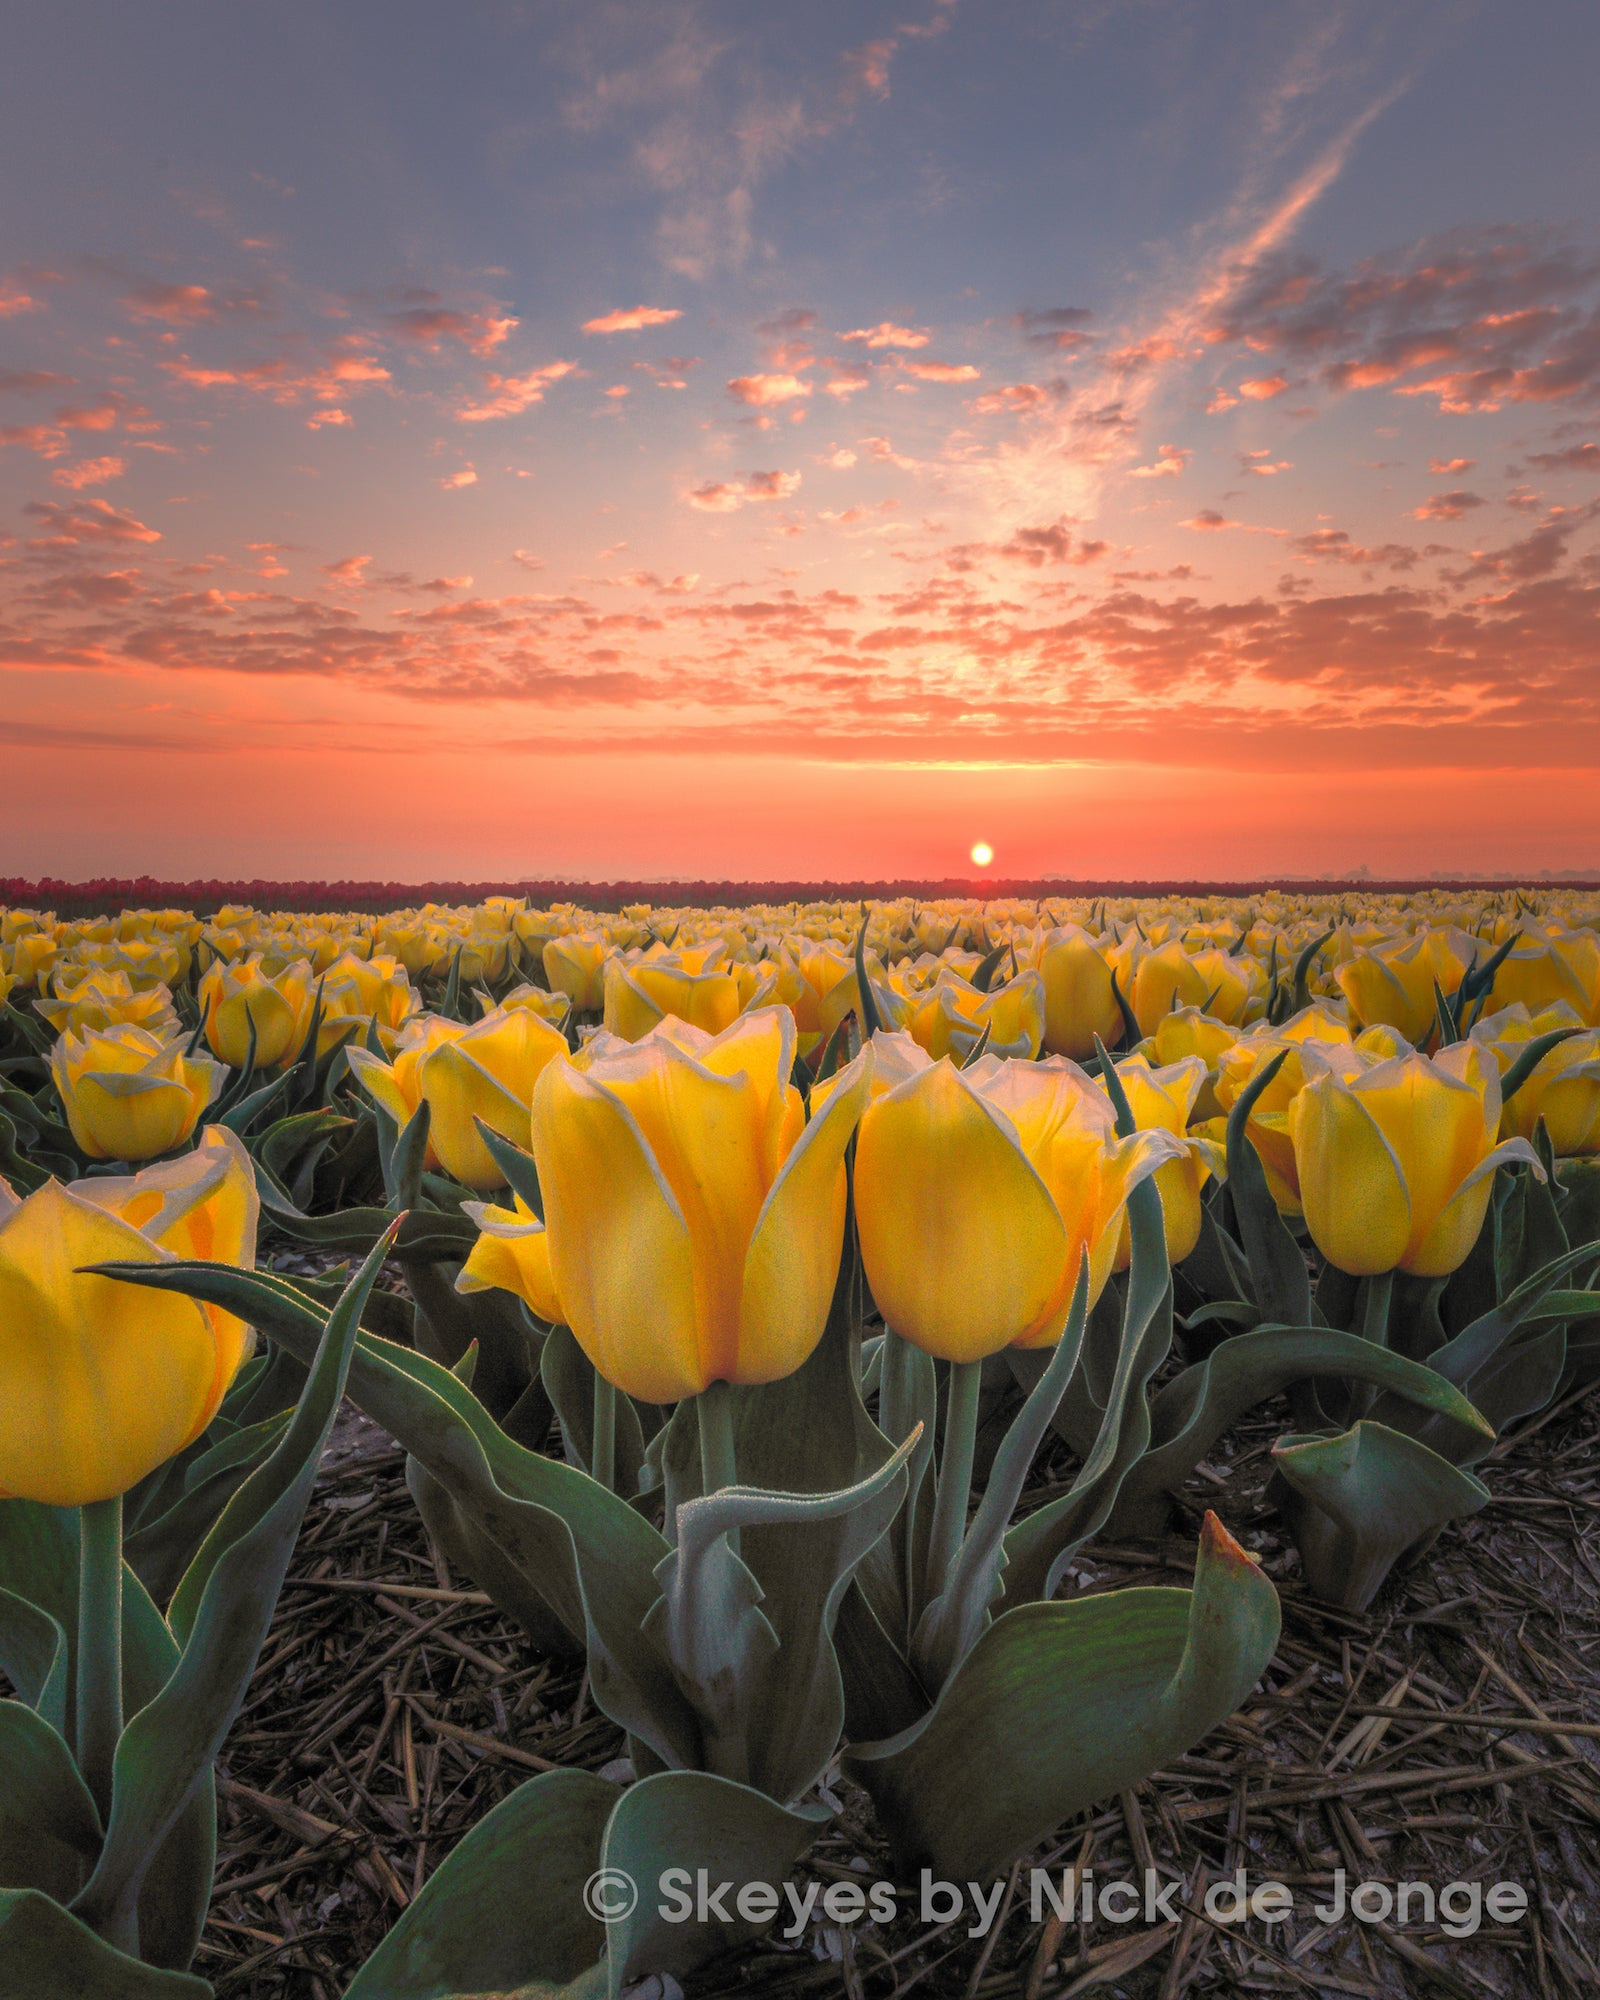 Alpha-Universe-BTS-Tulips-Nick-De-Jonge-3.jpg